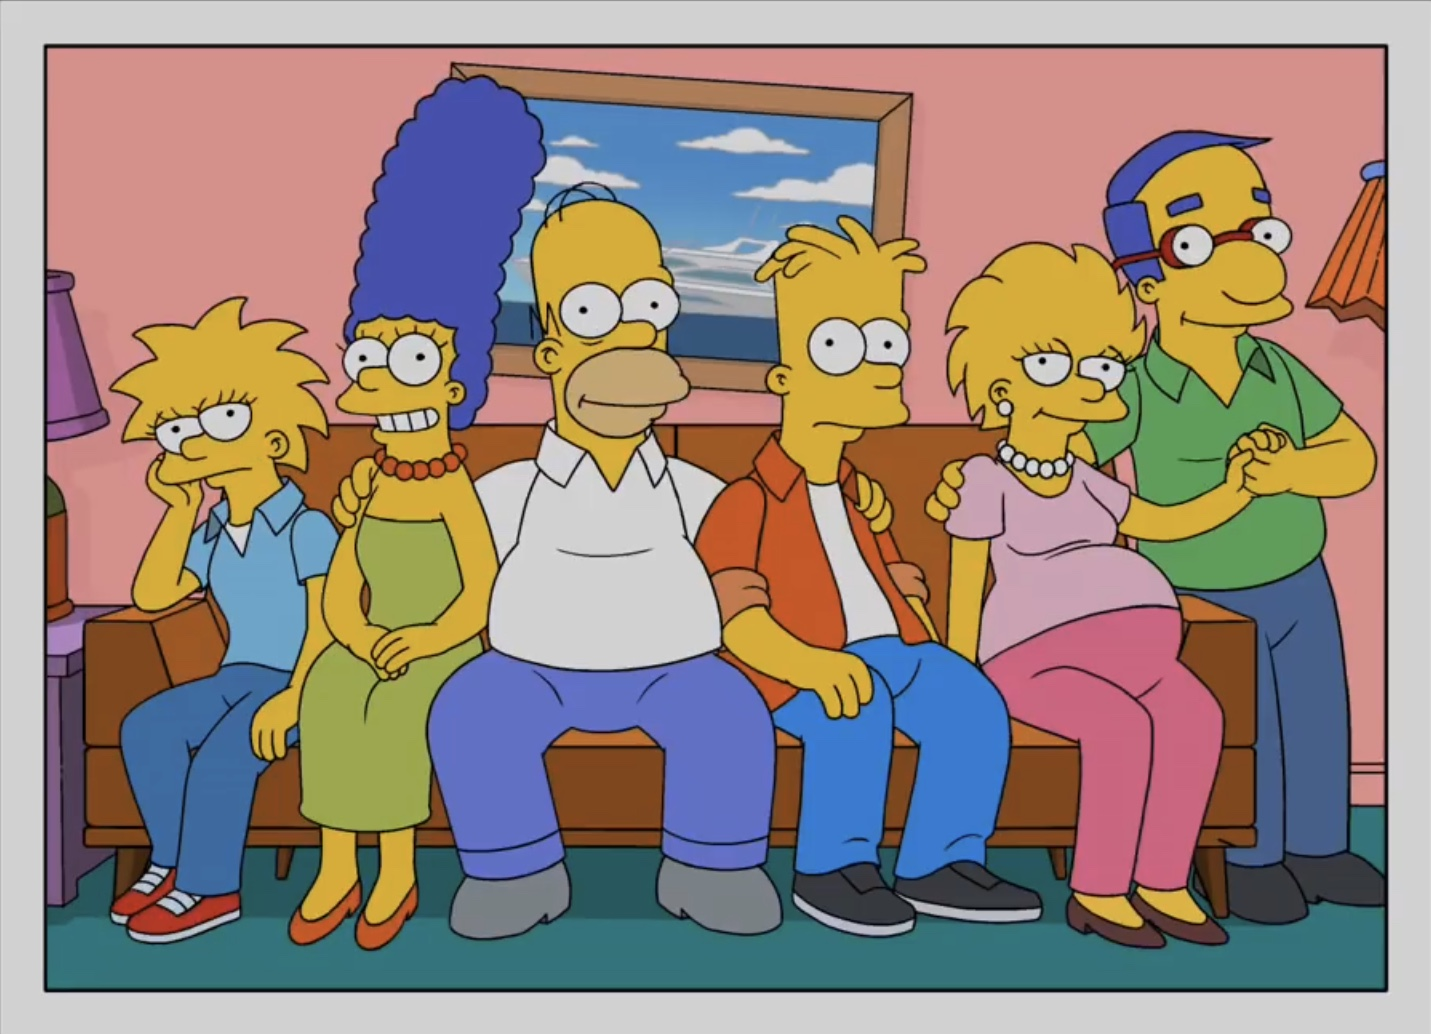 Симпсоны все секс игры в хорошем качестве фотоография